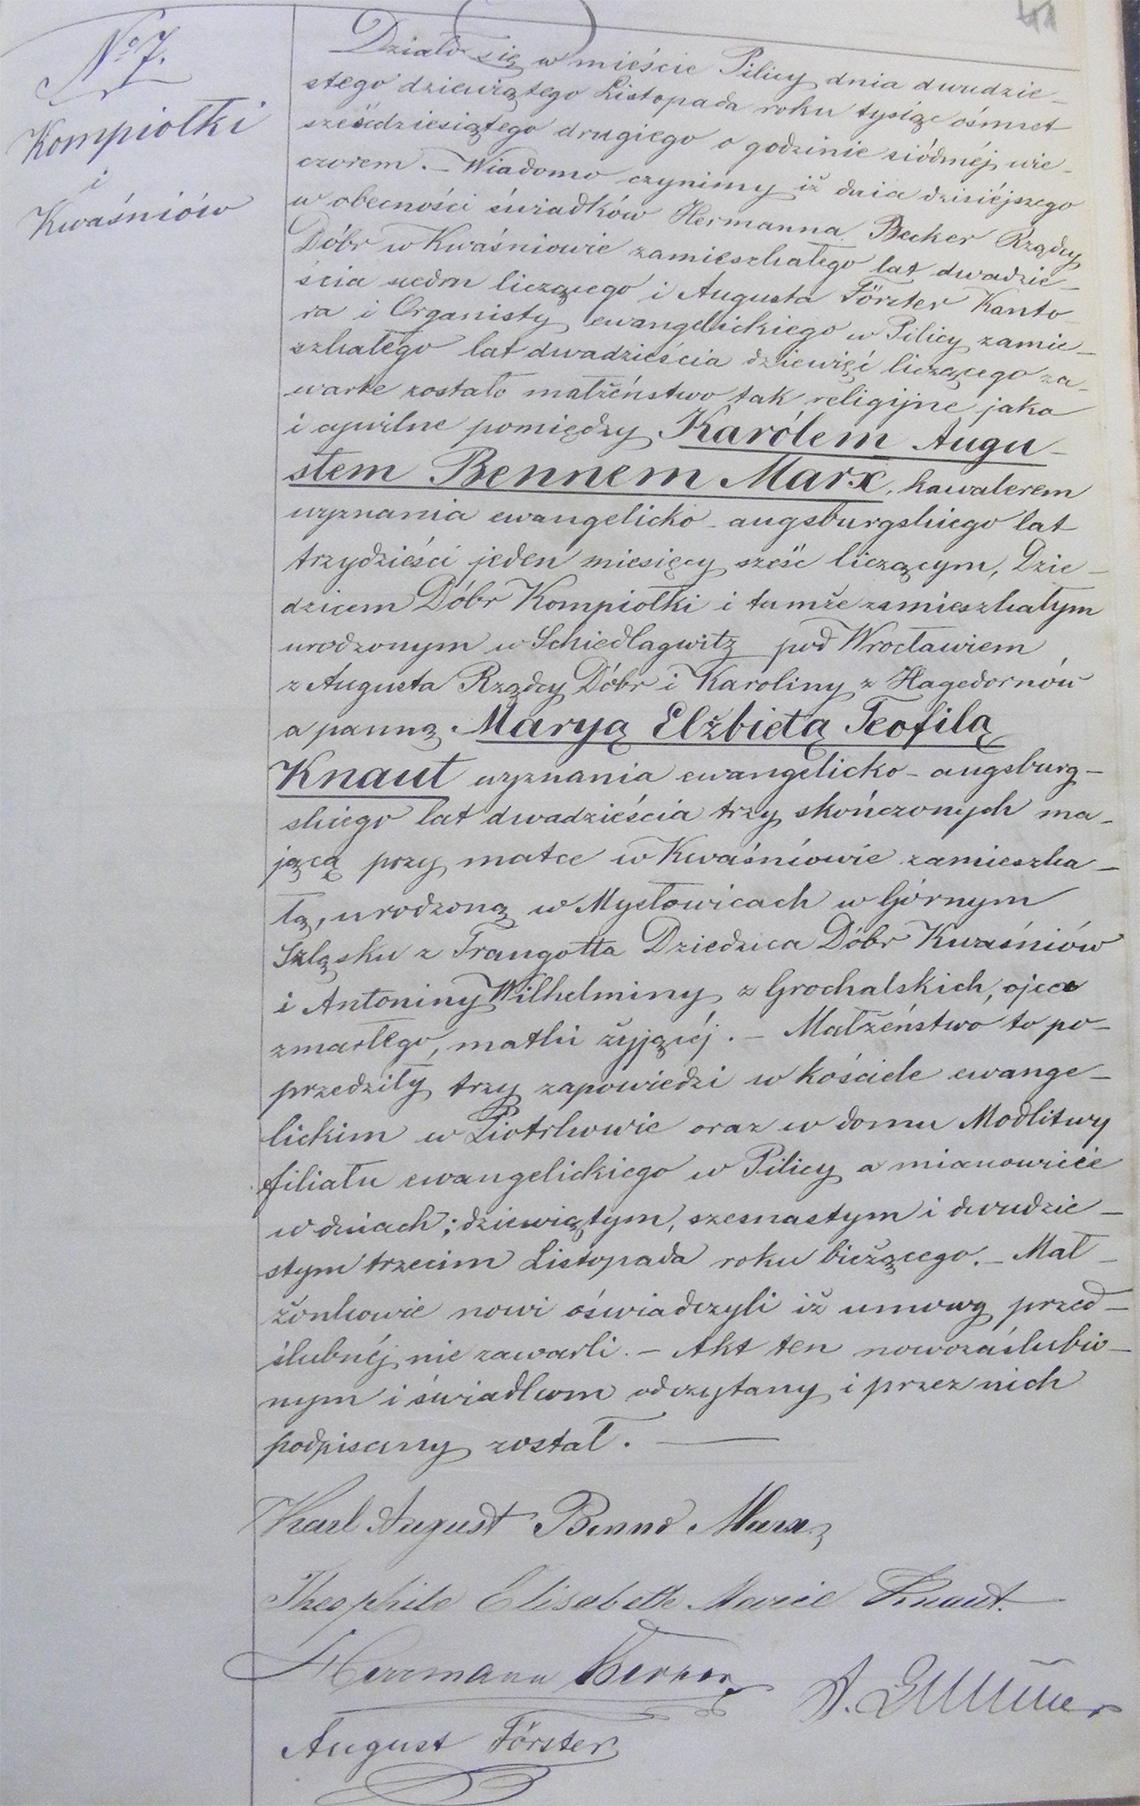 Akt stanu cywilnego małżeństwa Karol August Benno Marx & Marya Elżbieta Teofila Knaut 29.11.1862 r.